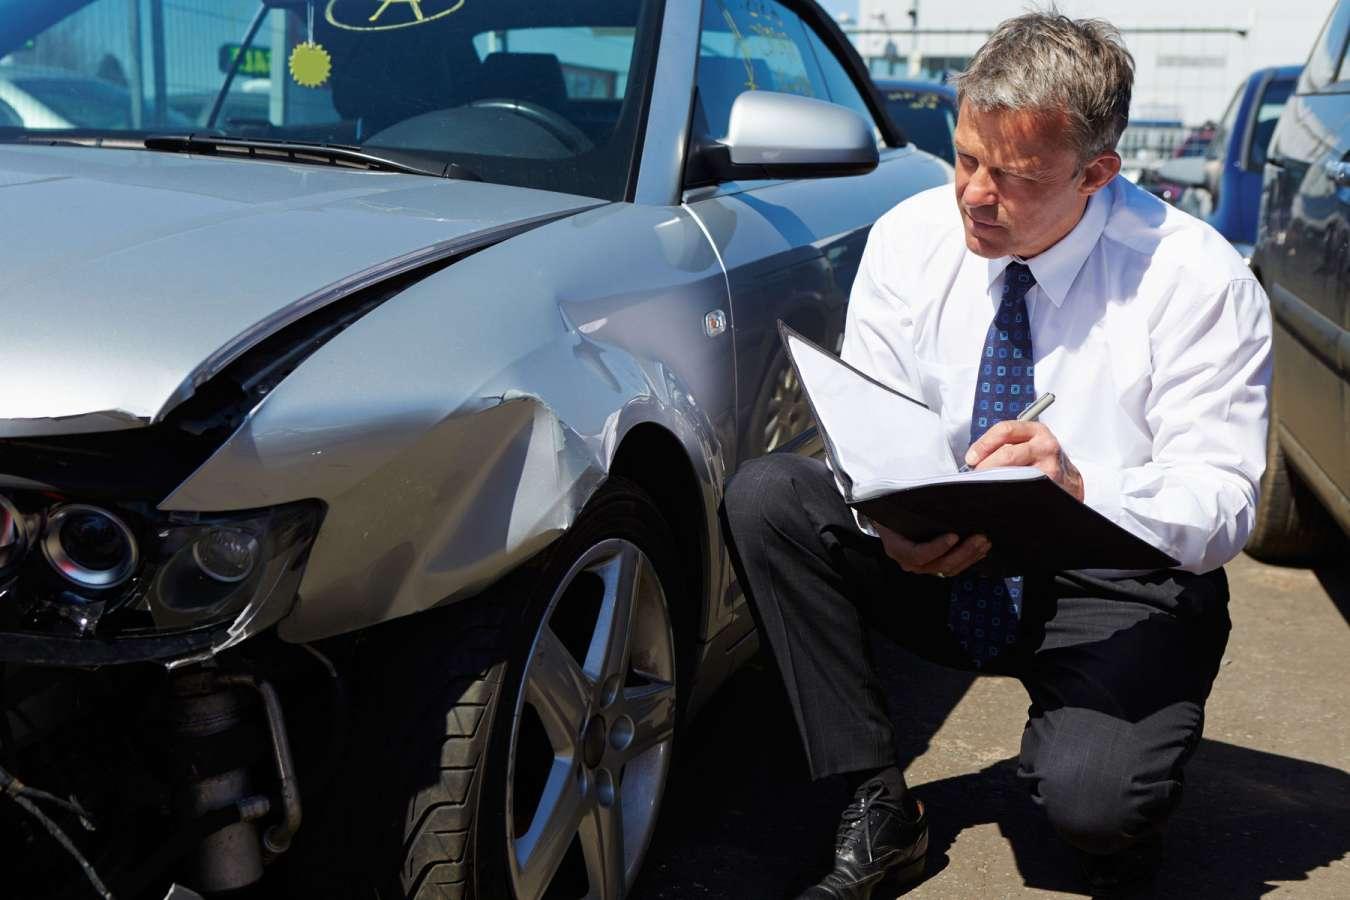 Peut-on vendre une voiture accidentée? Est-ce légal de vendre un véhicule accidenté ? Non à un particulier mais oui à un pro avec ou sans contrôle technique il est possibe de vendre un véhicule HS, endommagé, accidenté, carrosserie HS, choc avant, hors service, en panne, moteur HS, airbags sortis, non roulant auprès d'un garage, professionnel, casse auto, épaviste, casseur, centre VHU. Votre épave est destinée à la casse ou à la destruction si l'expert la declare non roulante VE, RSV, VGE donc gagée. Par contre si le rapport d'expertise certifie que l'automobile peut rouler alors vous pouvez la vendre simplement avec les démarches administratives habituelles comme la carte grise, le certificat d'immatriculation, CT de moins de 6 mois, certificat de cessions et certificat de non gage. Estimer la cote de votre automobile simplement chez Delivauto pour avoir un prix de rachat rapide. la reprise de votre voiture d'occasion accidentée n'a jamais étét aussi simple chez nous. Delivauto vendez votre voiture accidentée peu importe son état sur Paris, Nice, Lyon ,Marseille, Bordeaux, Lille, Nantes, Montpellier ou Toulouse délivrez-vous !